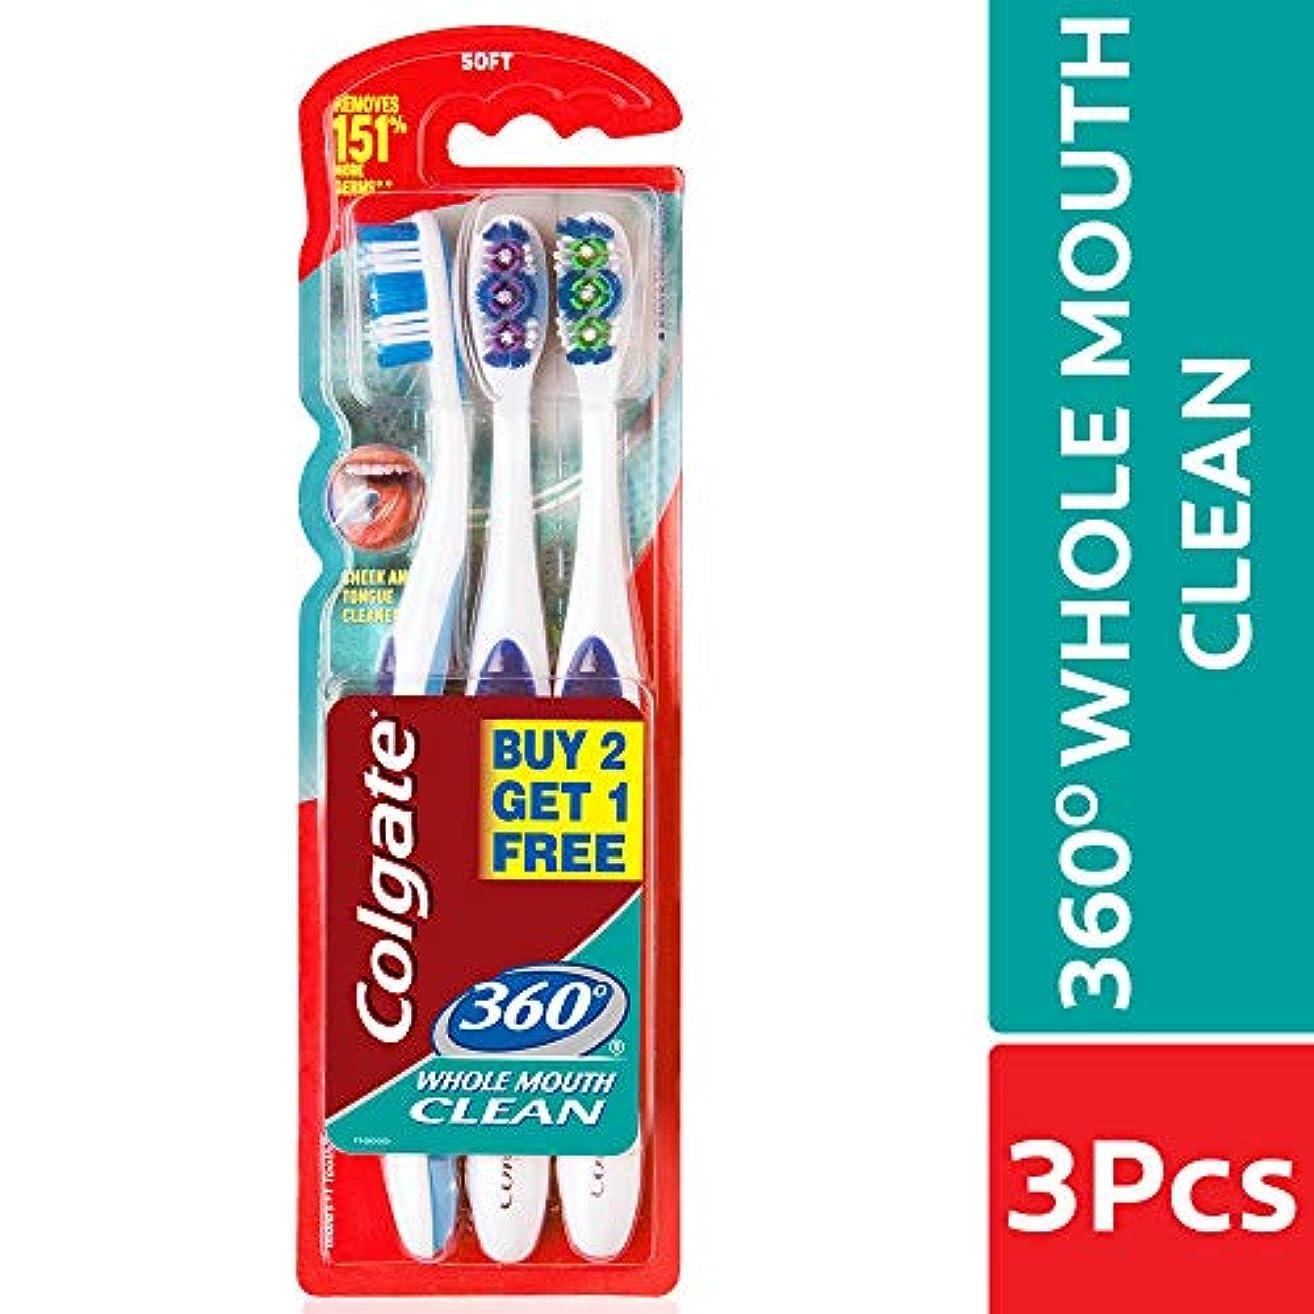 はいインターネット運賃Colgate 360 whole mouth clean (MEDIUM) toothbrush (3pc pack)